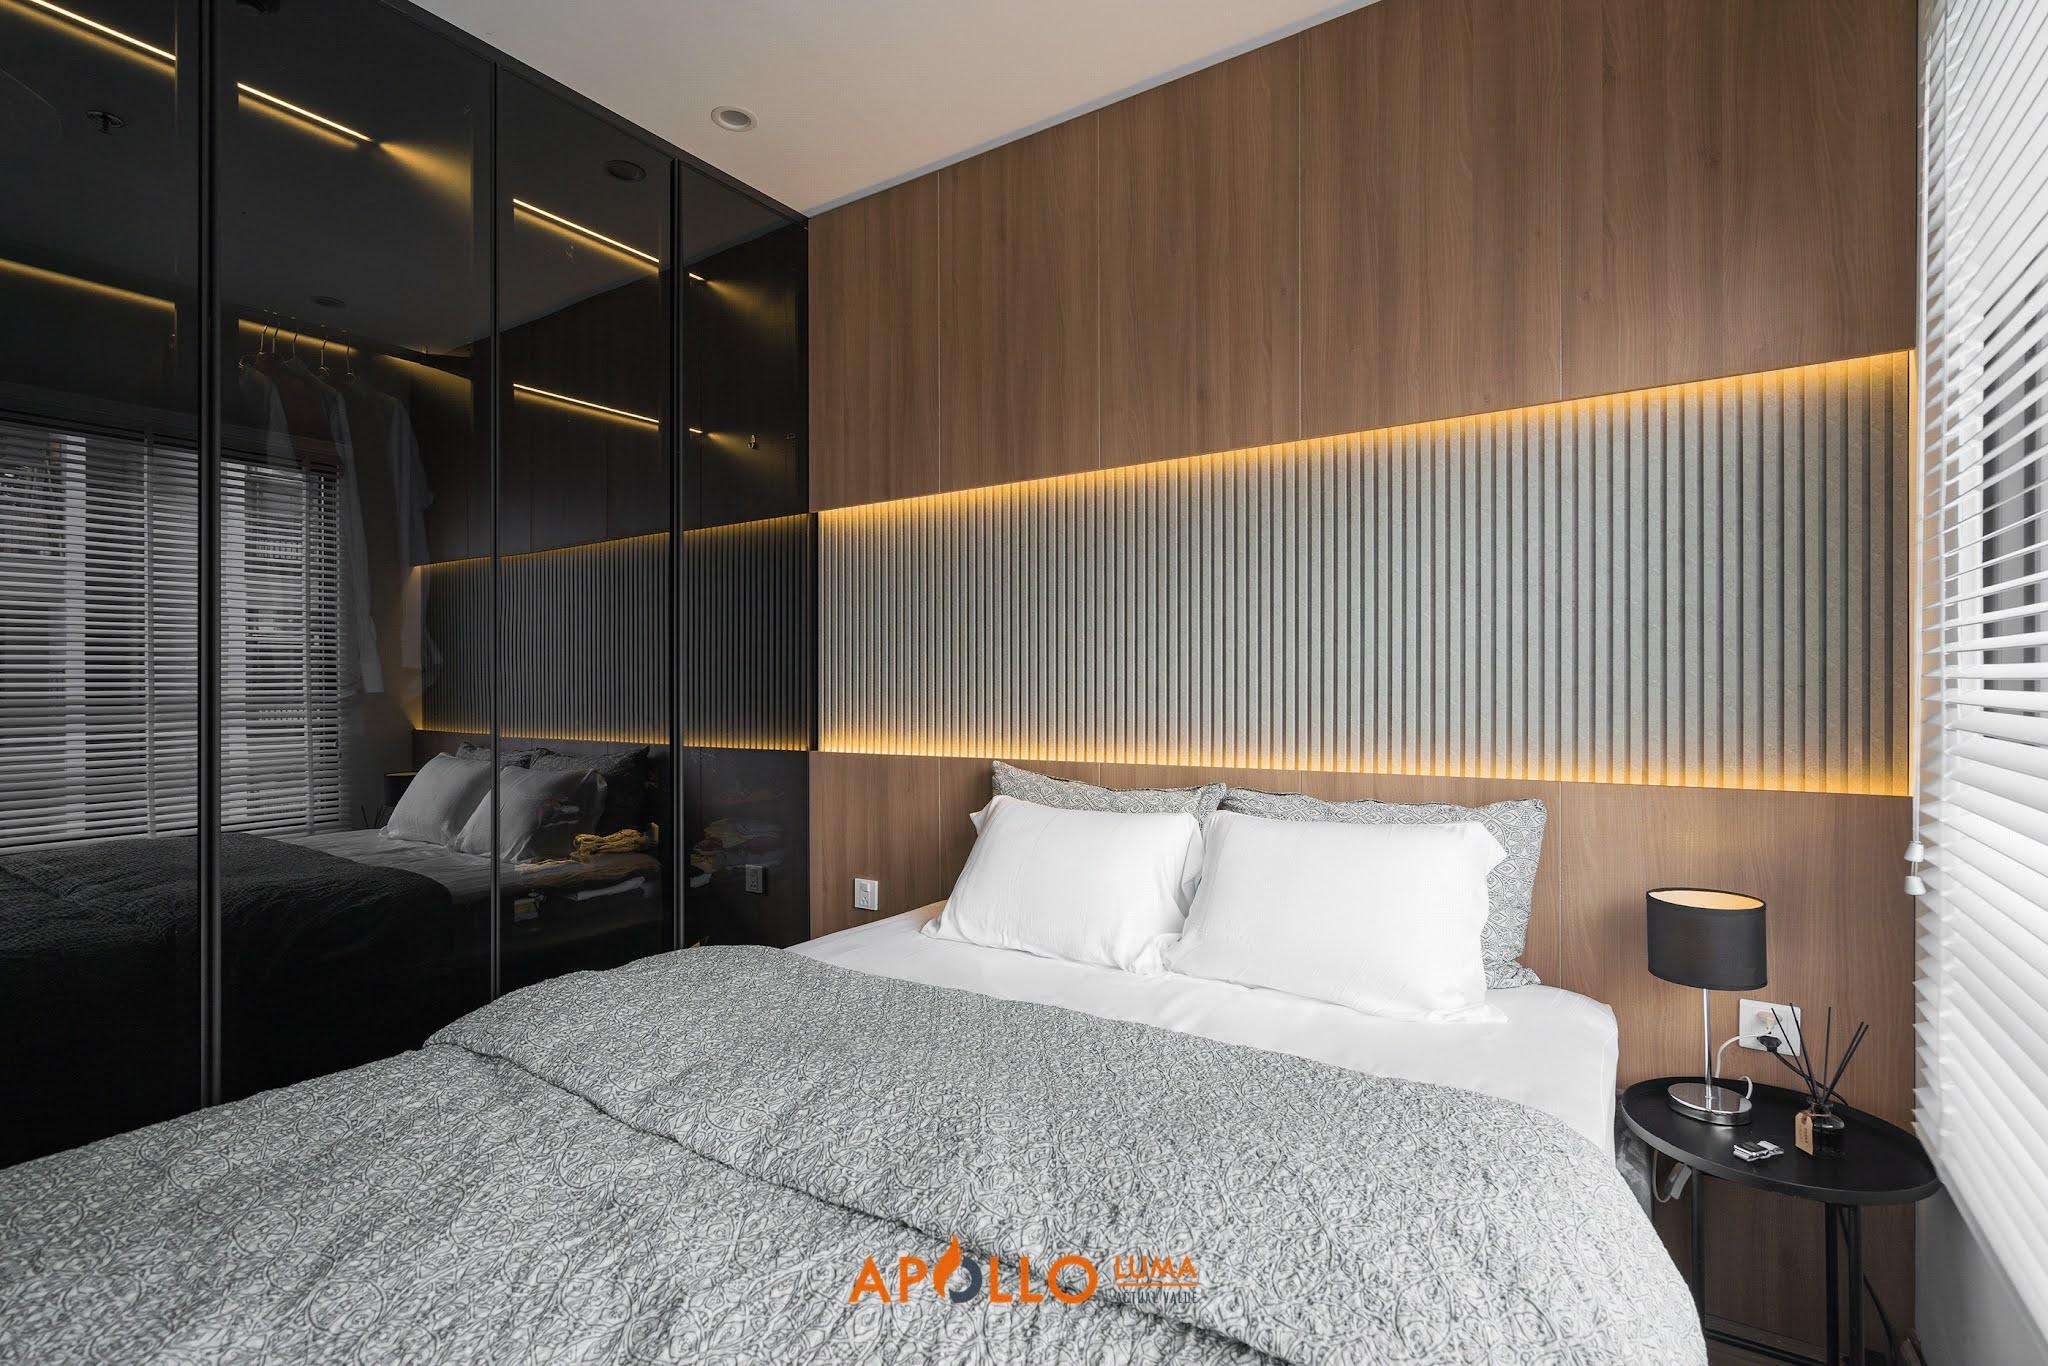 Hình ảnh nội thất thực tế căn hộ 2PN (65m2) Vinhomes Ocean Park